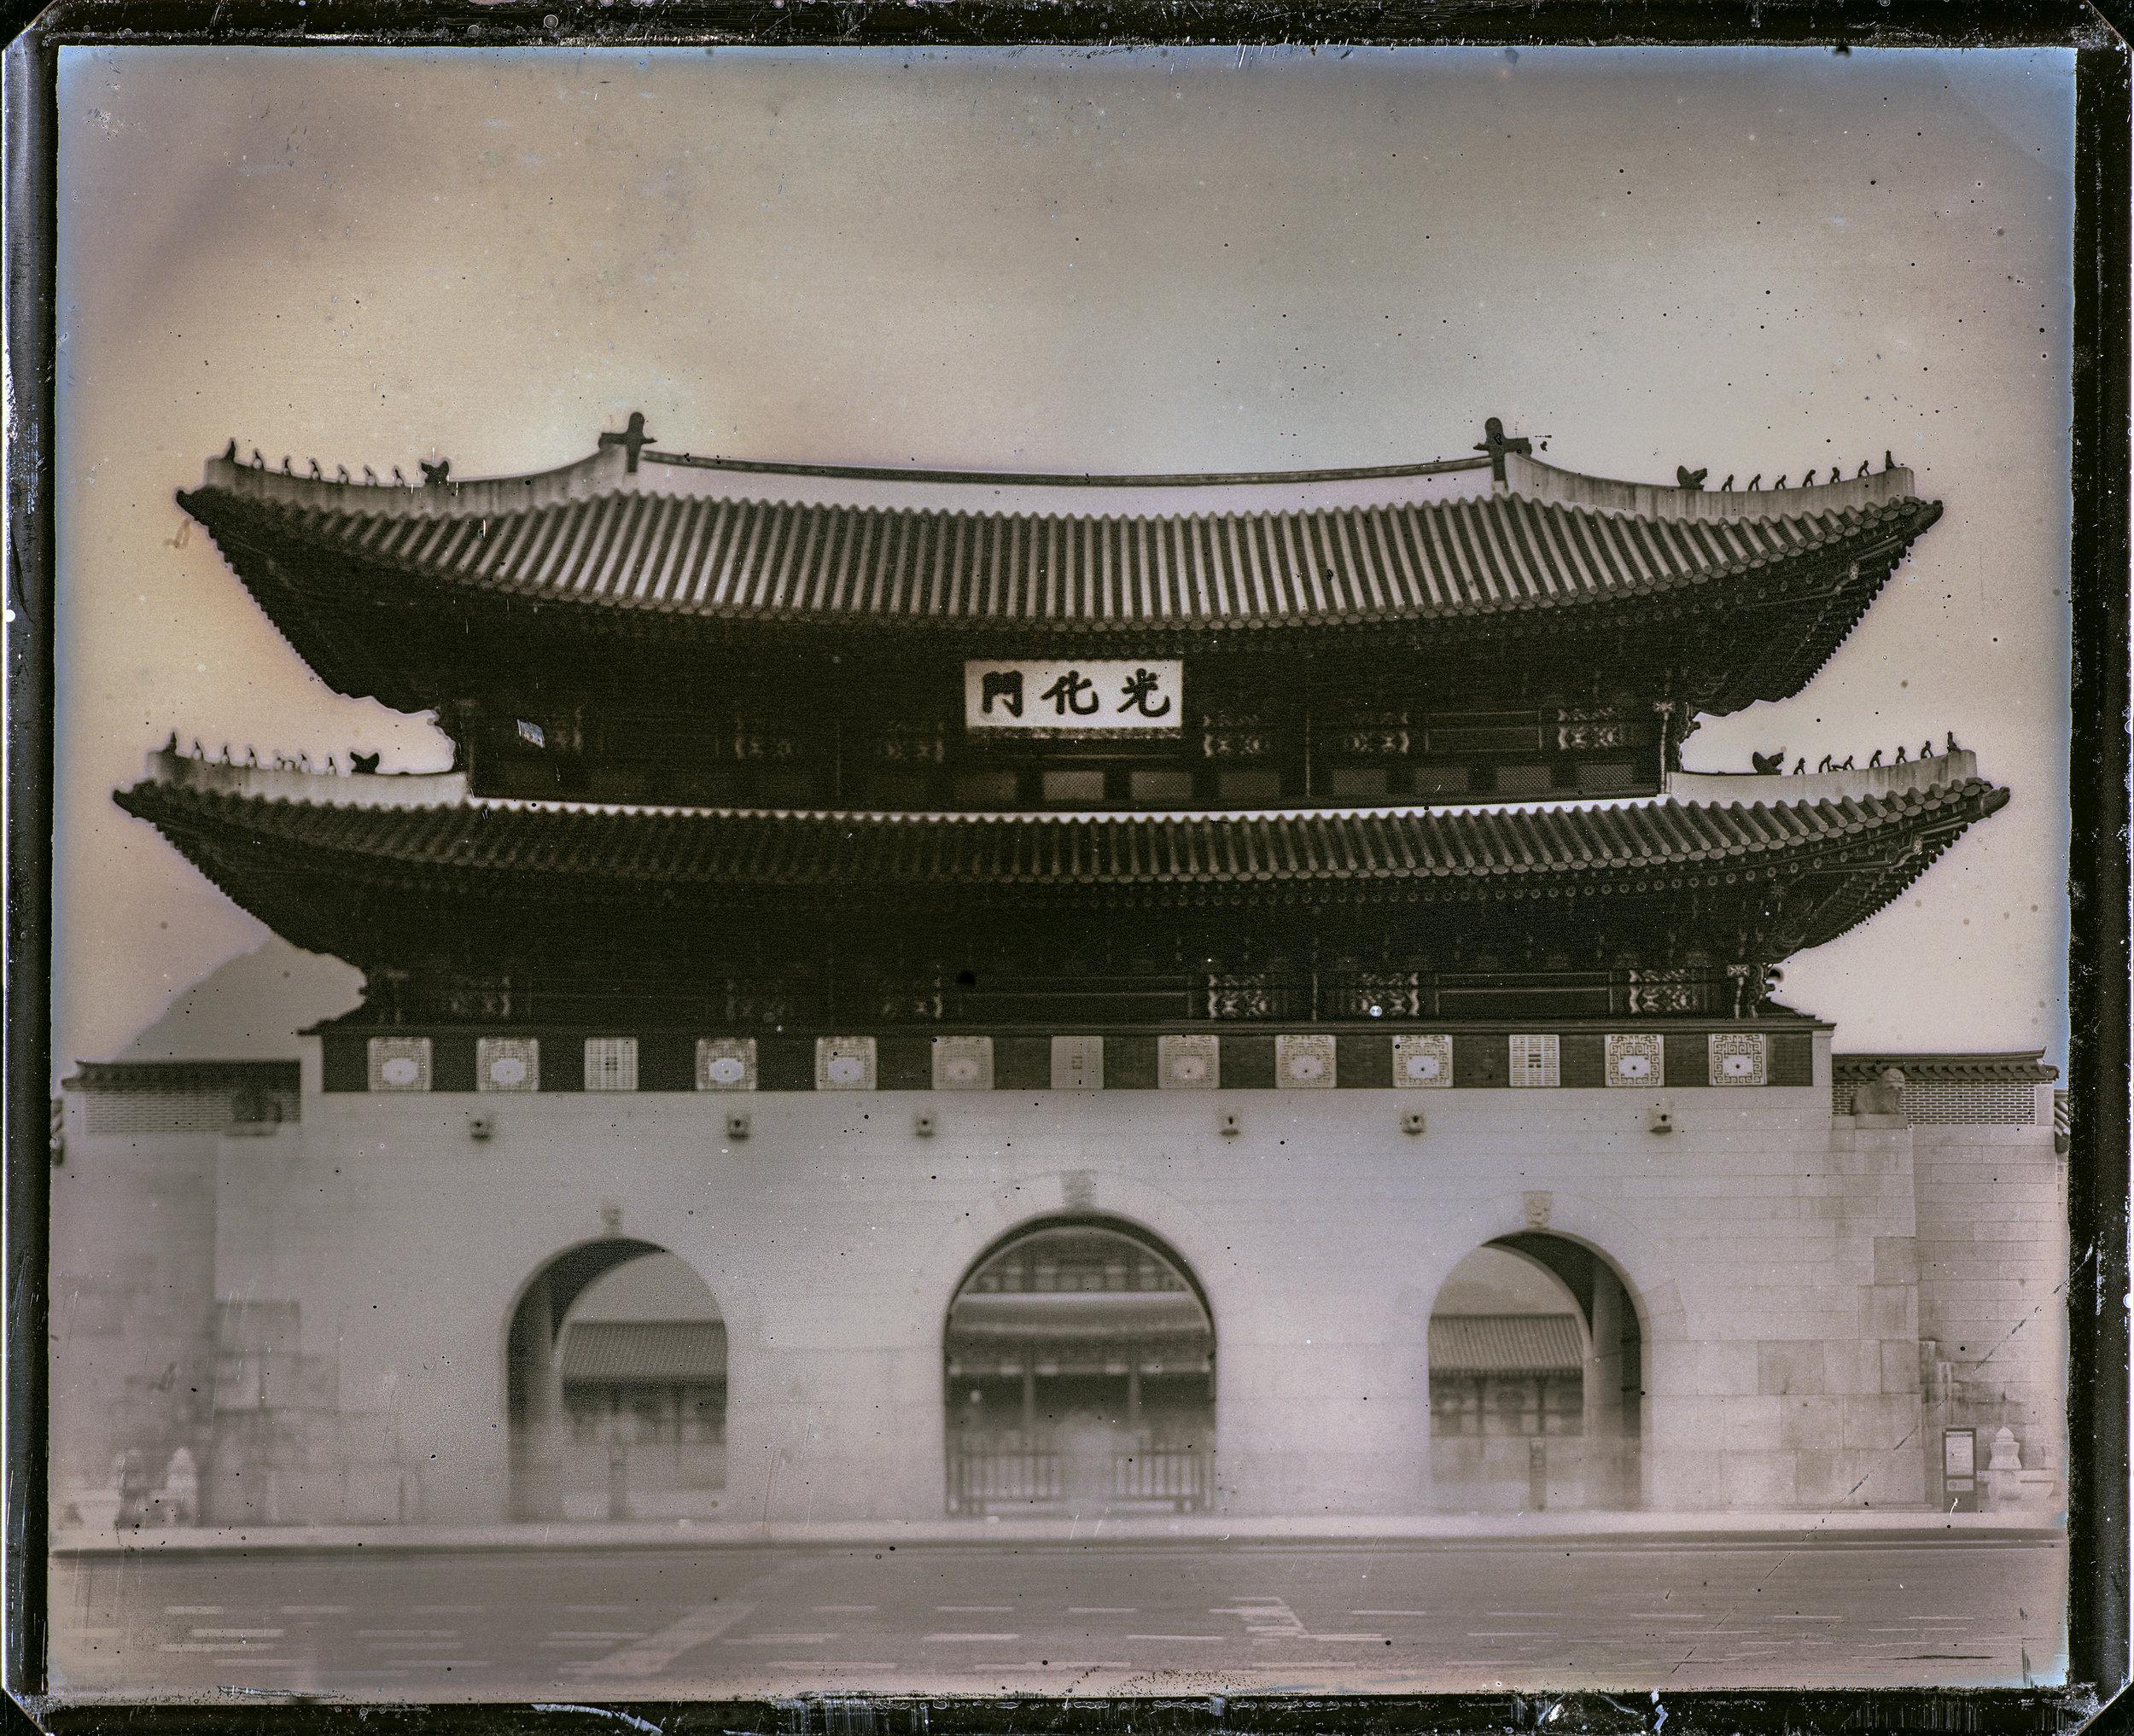 Daguerreotype (ダゲレオタイプ)_KOREA   MATERIALISMプロジェクトの活動拠点であったソウルで、 韓国初のダゲレオタイプ 。コンテンポラリーダゲレオタイプ界では静物や人物の作品が中心です。最難度の写真技法+天候、紫外線量、移動時間などさまざまな不確定要素が加... つづきをみる